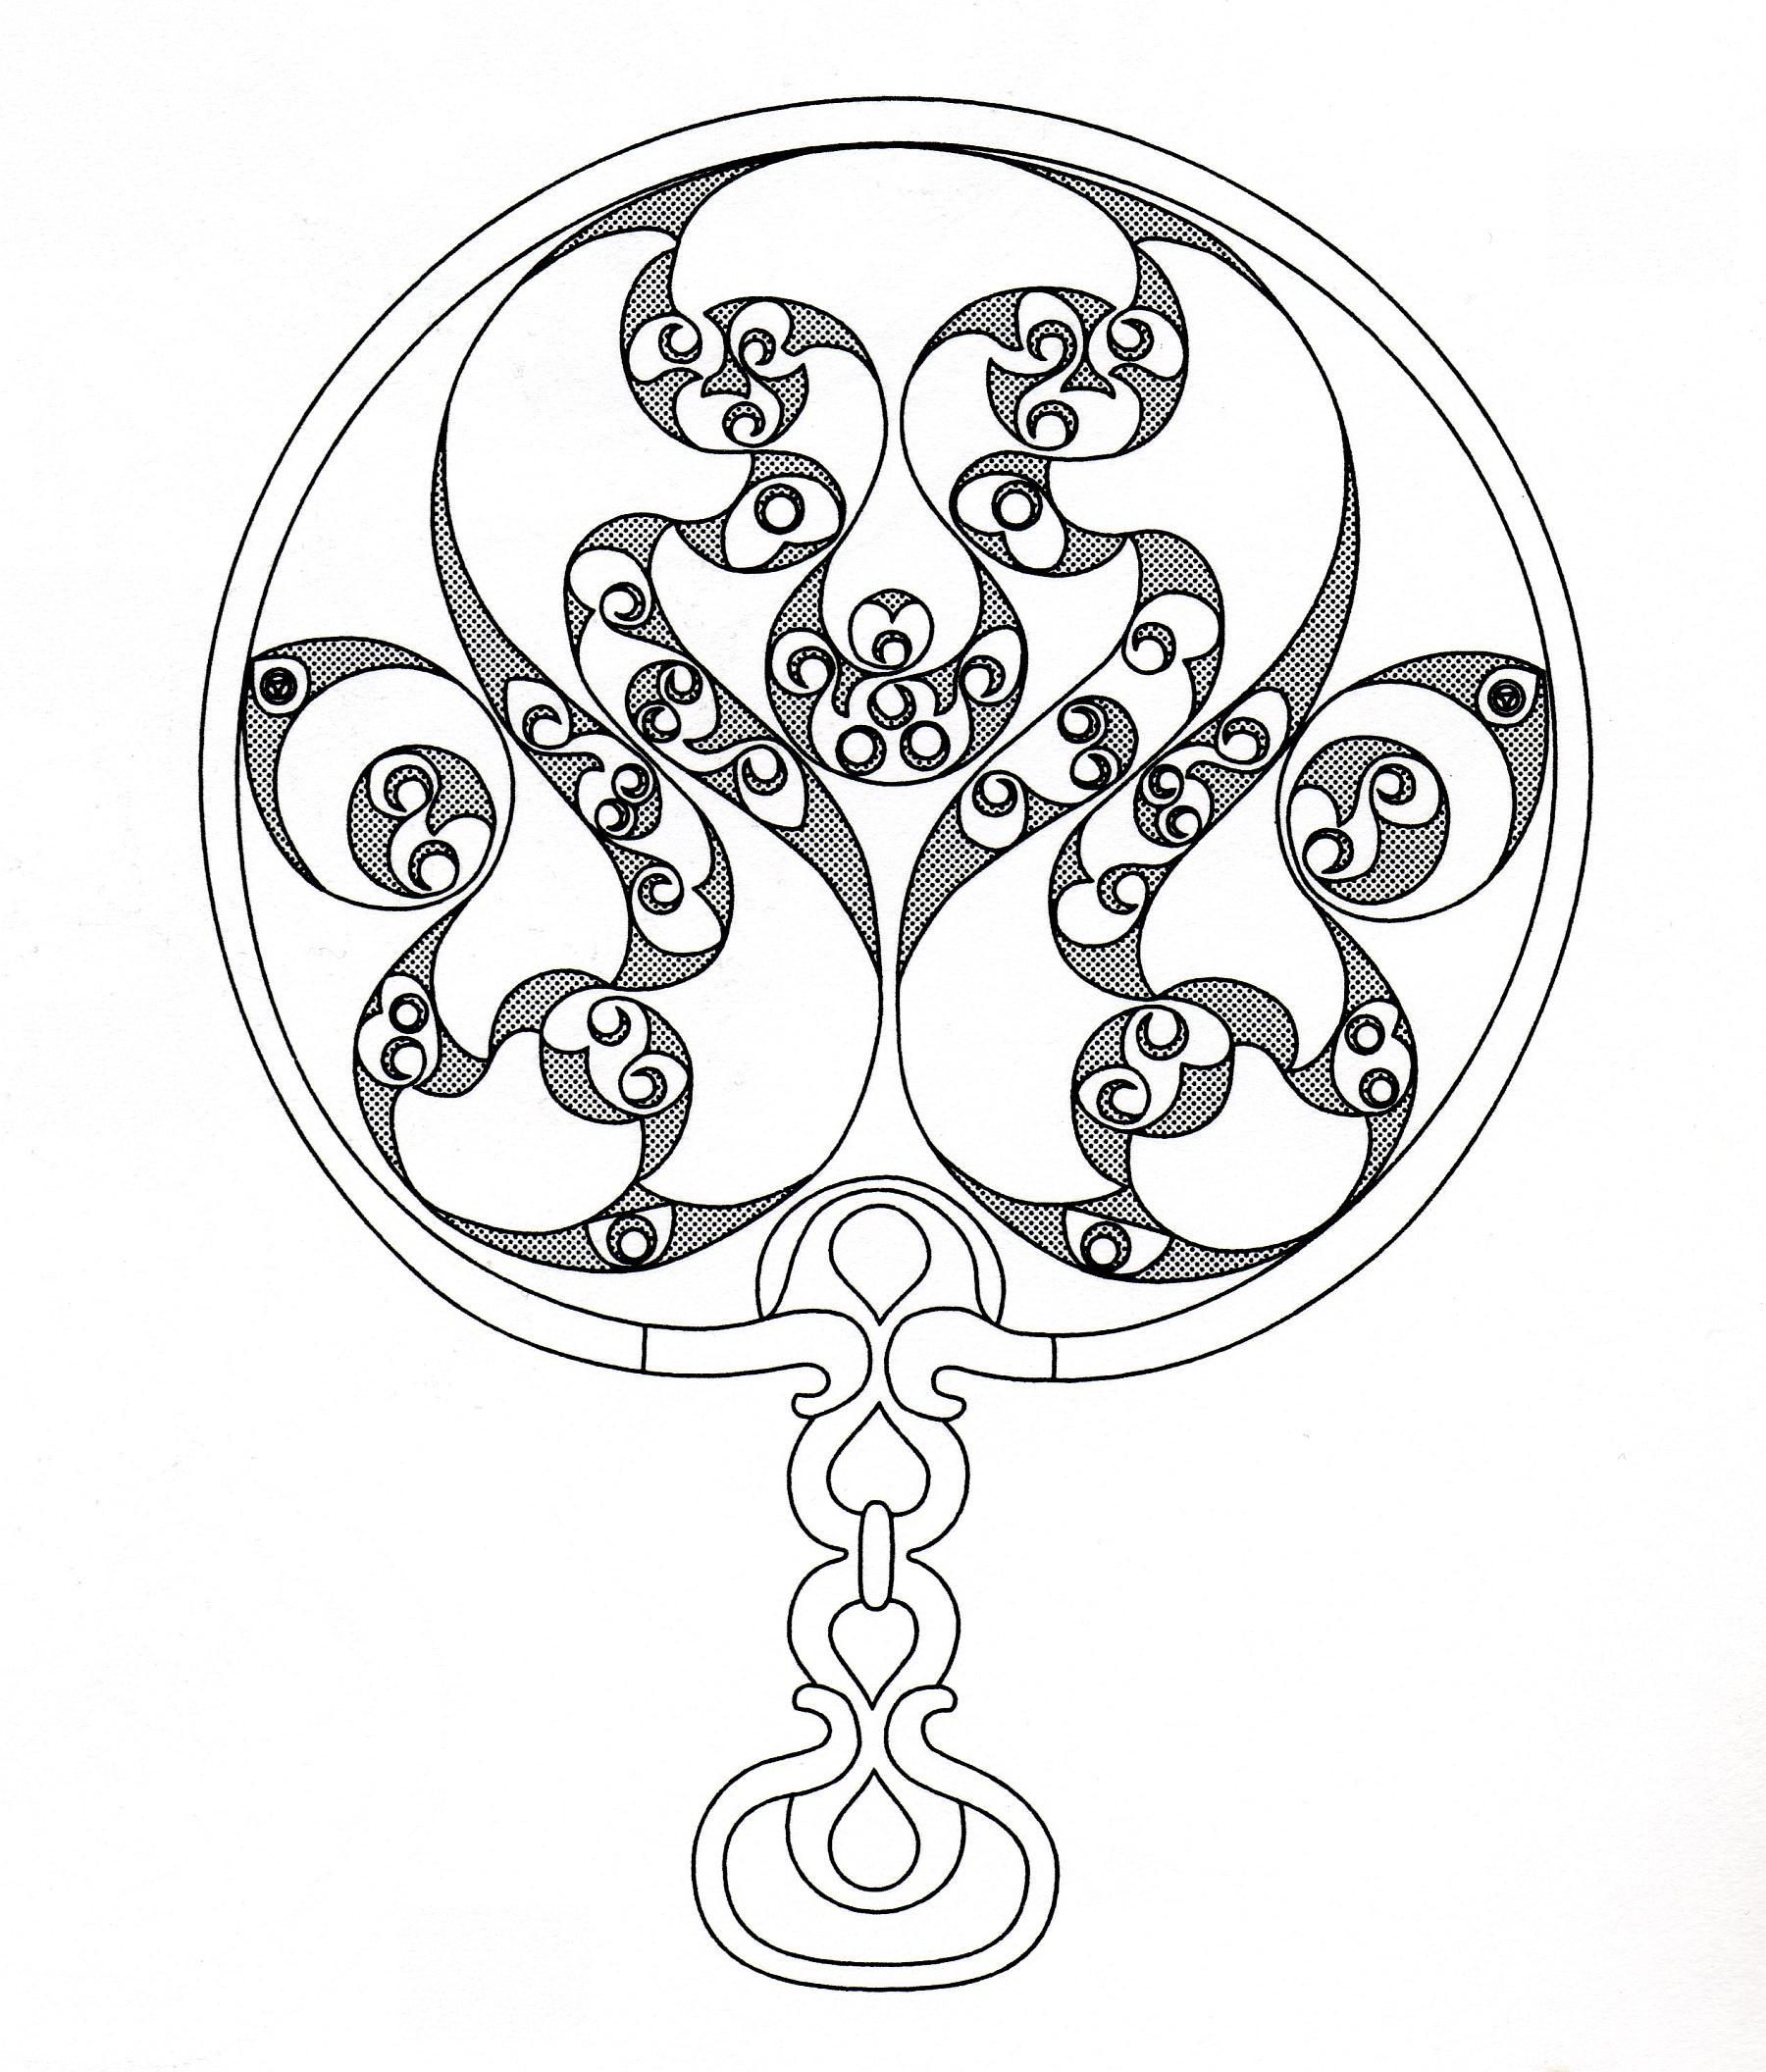 Art celtique : éléments entrelacés ressemblant à un bijou